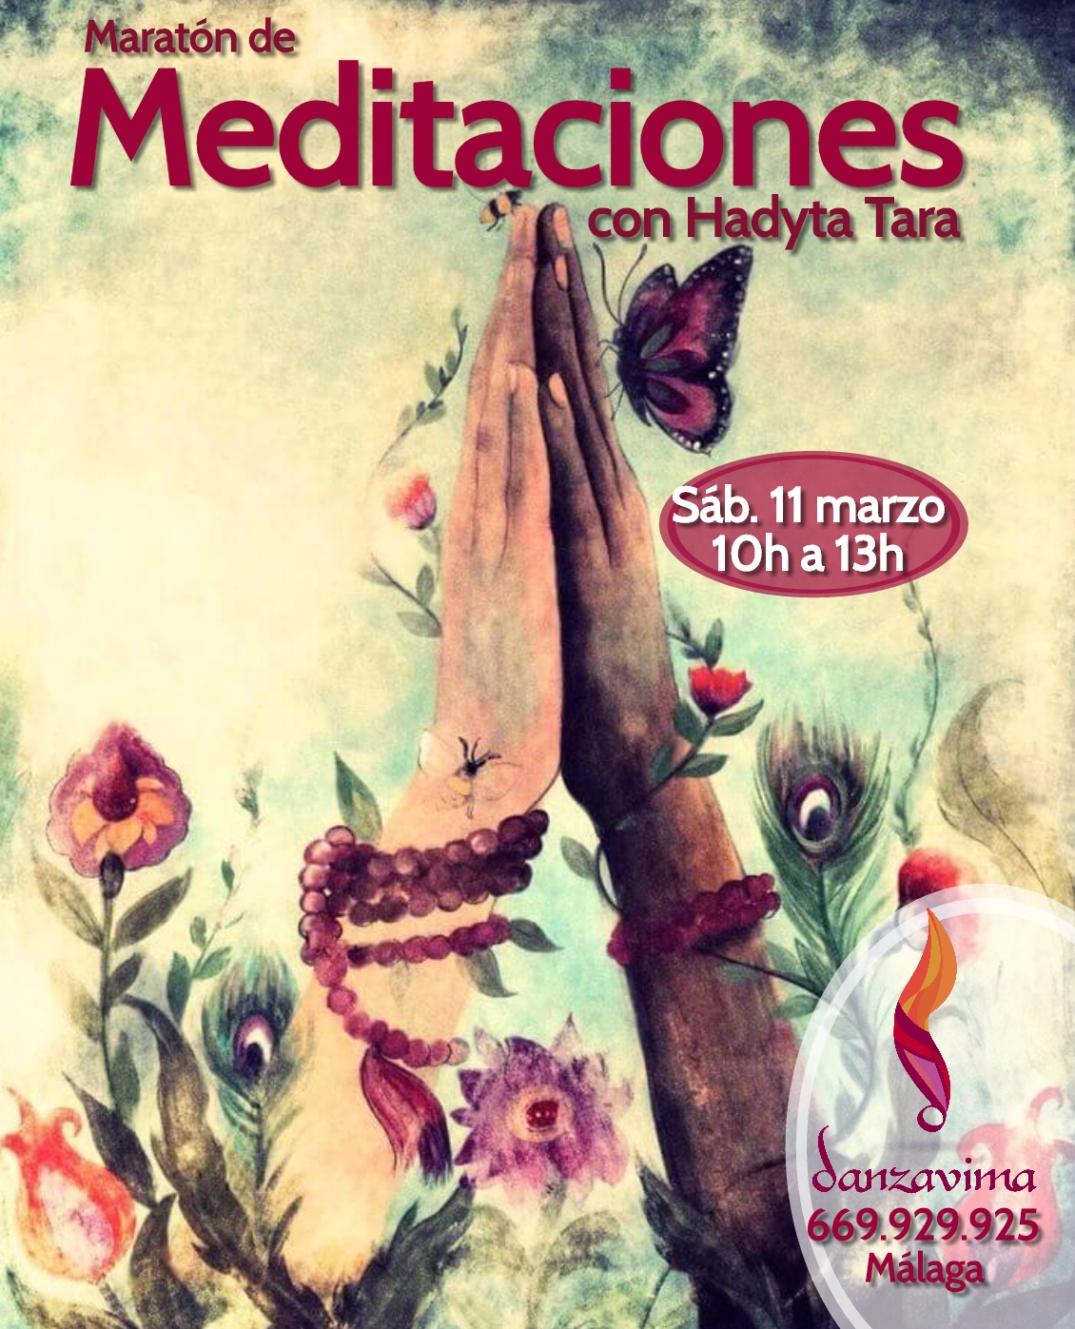 maraton-meditaciones